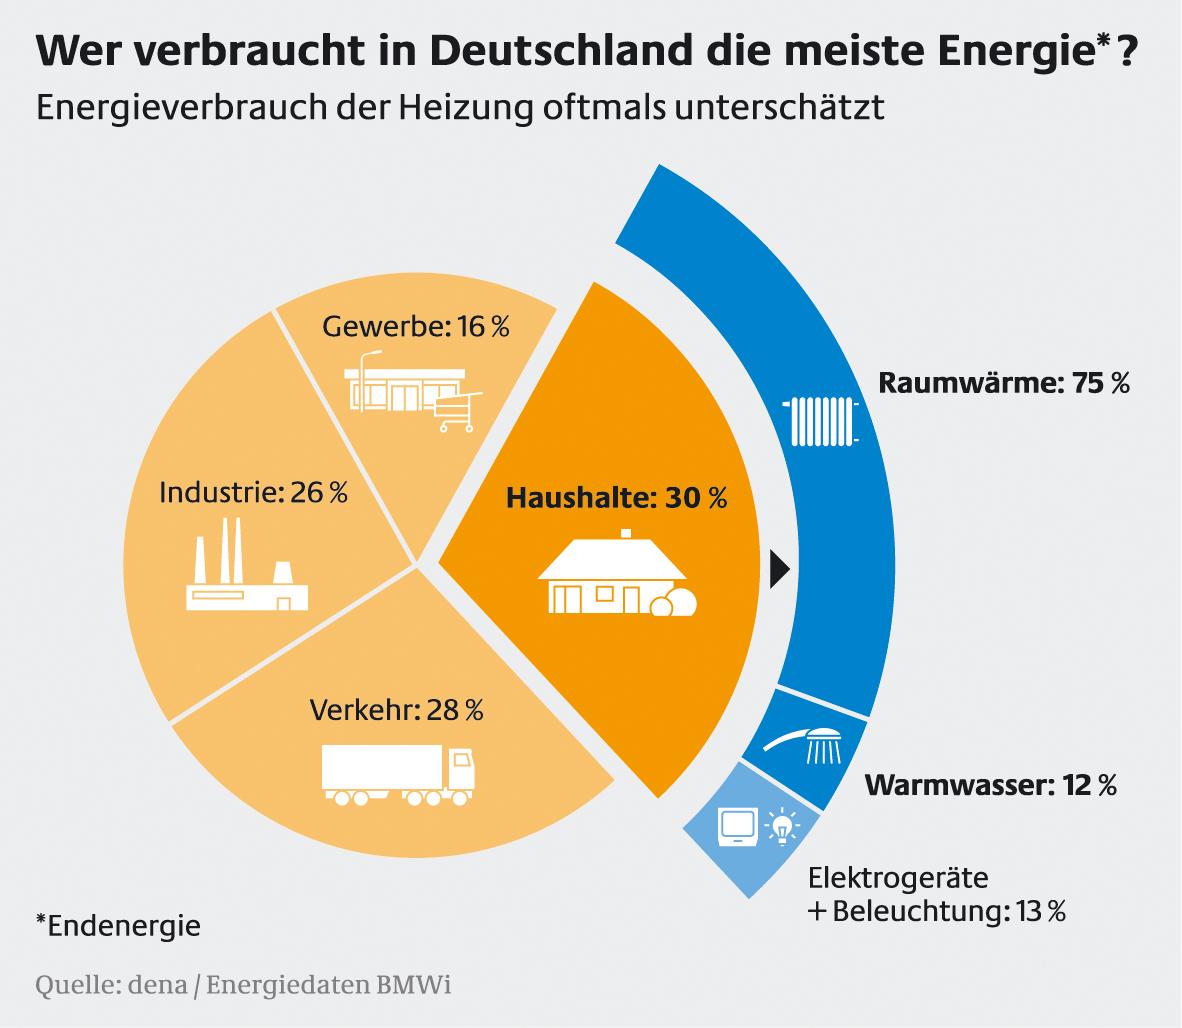 wer verbraucht in deutschland die meiste energie energieverbrauch der heizung presseportal. Black Bedroom Furniture Sets. Home Design Ideas